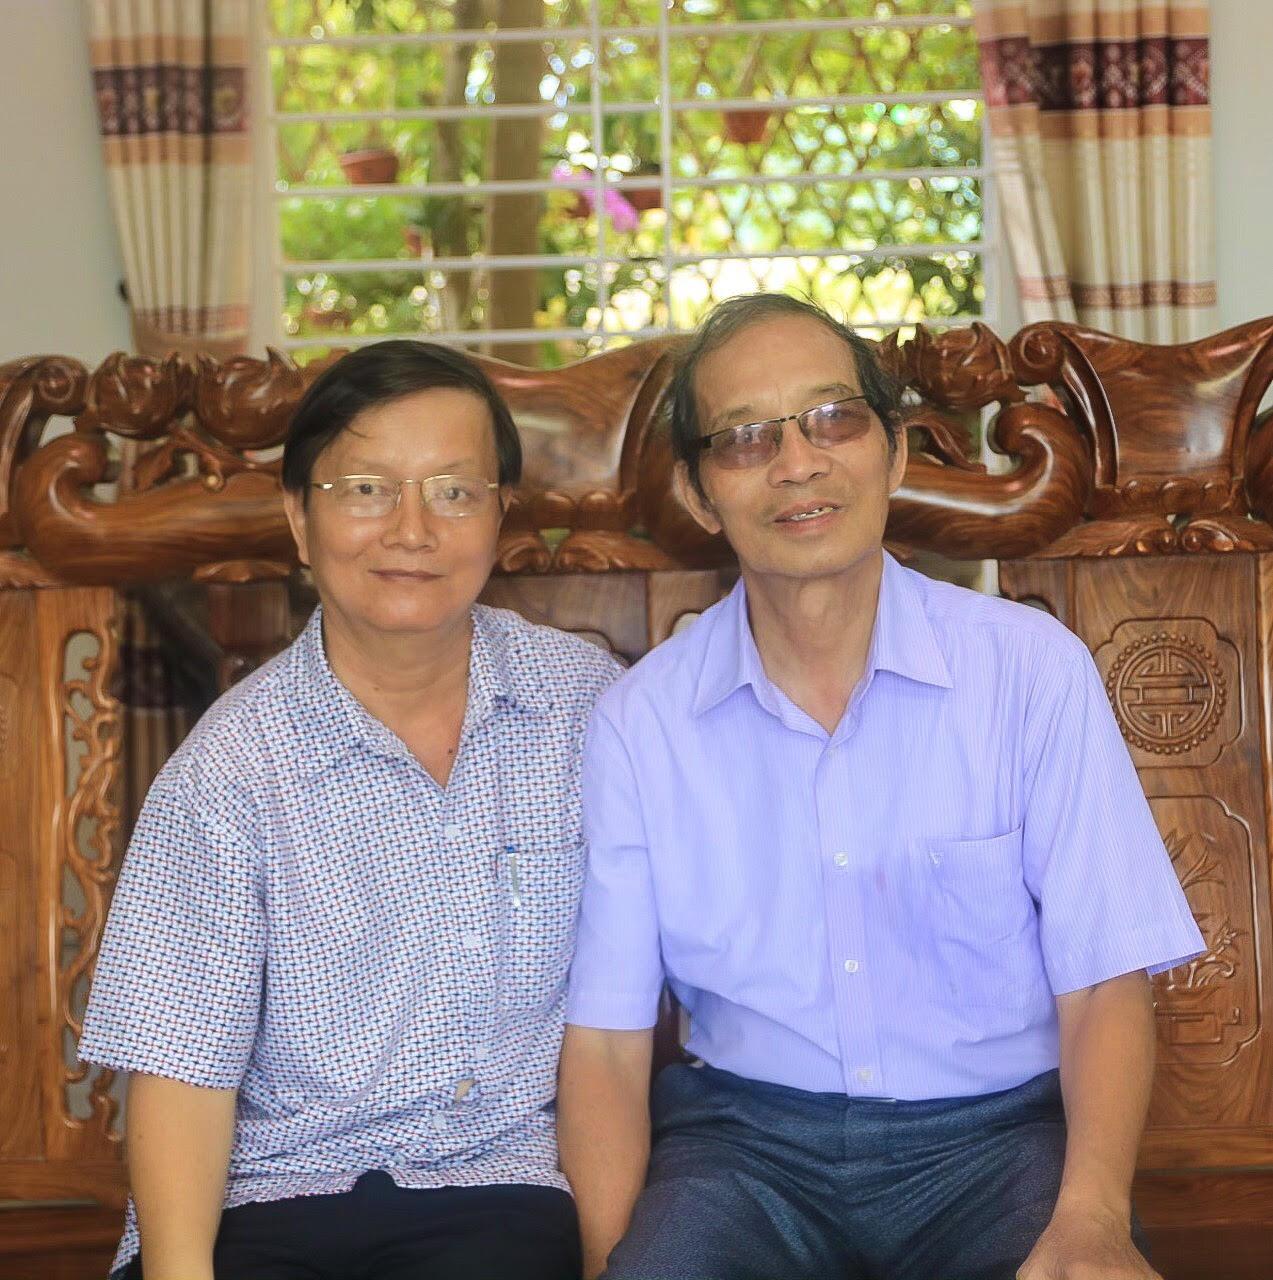 Nhà thơ Bằng Việt và nhà thơ, dịch giả Bùi Xuân (Ảnh)